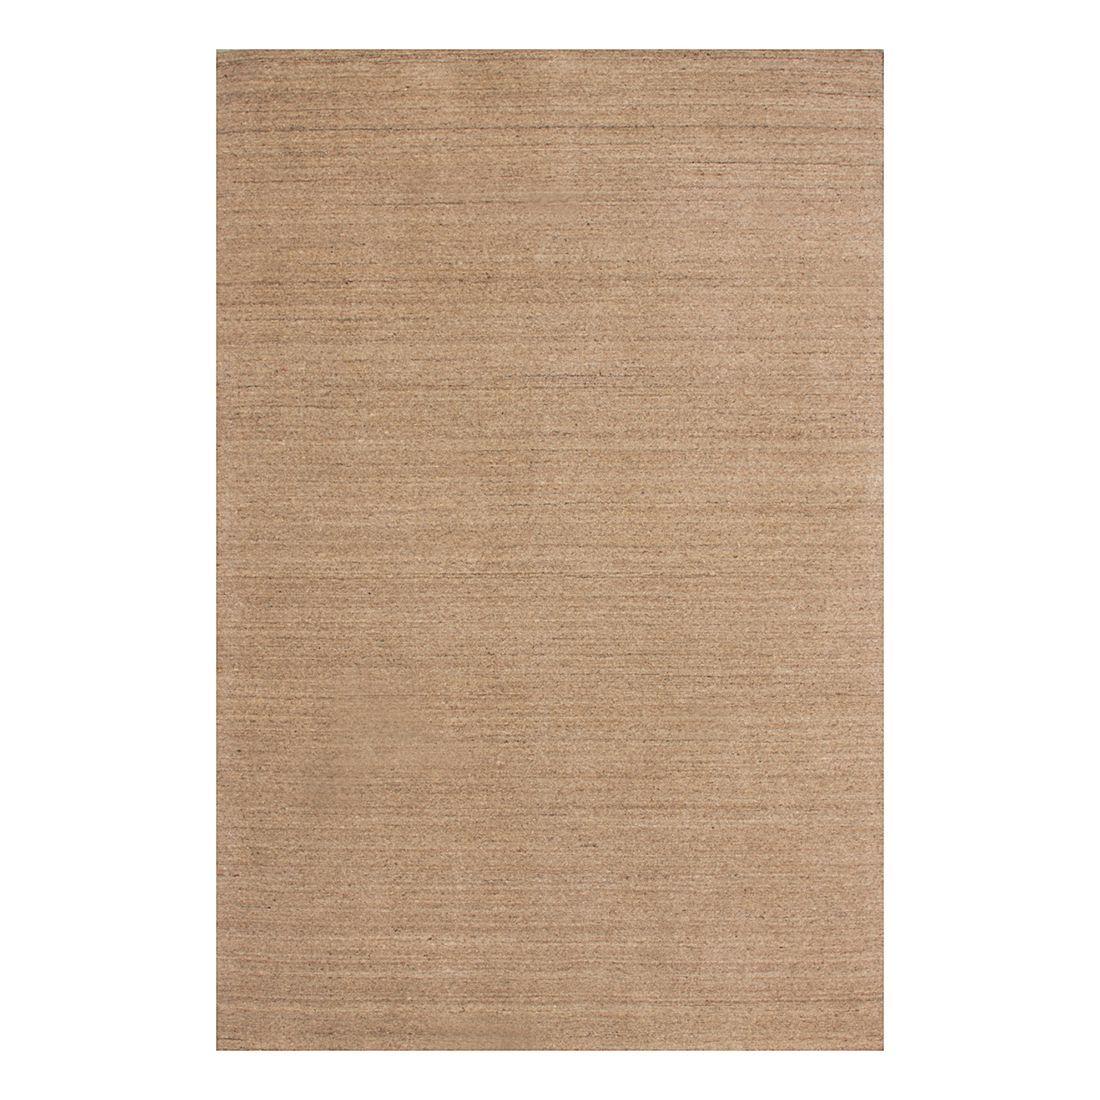 Teppich Prestige - Beige - 80 x 150 cm, Kayoom Jetzt bestellen unter: https://moebel.ladendirekt.de/heimtextilien/teppiche/sonstige-teppiche/?uid=0384eb5f-6884-544c-84da-991450f4728b&utm_source=pinterest&utm_medium=pin&utm_campaign=boards #heimtextilien #wohnen #kayoom #sonstigeteppiche #teppiche